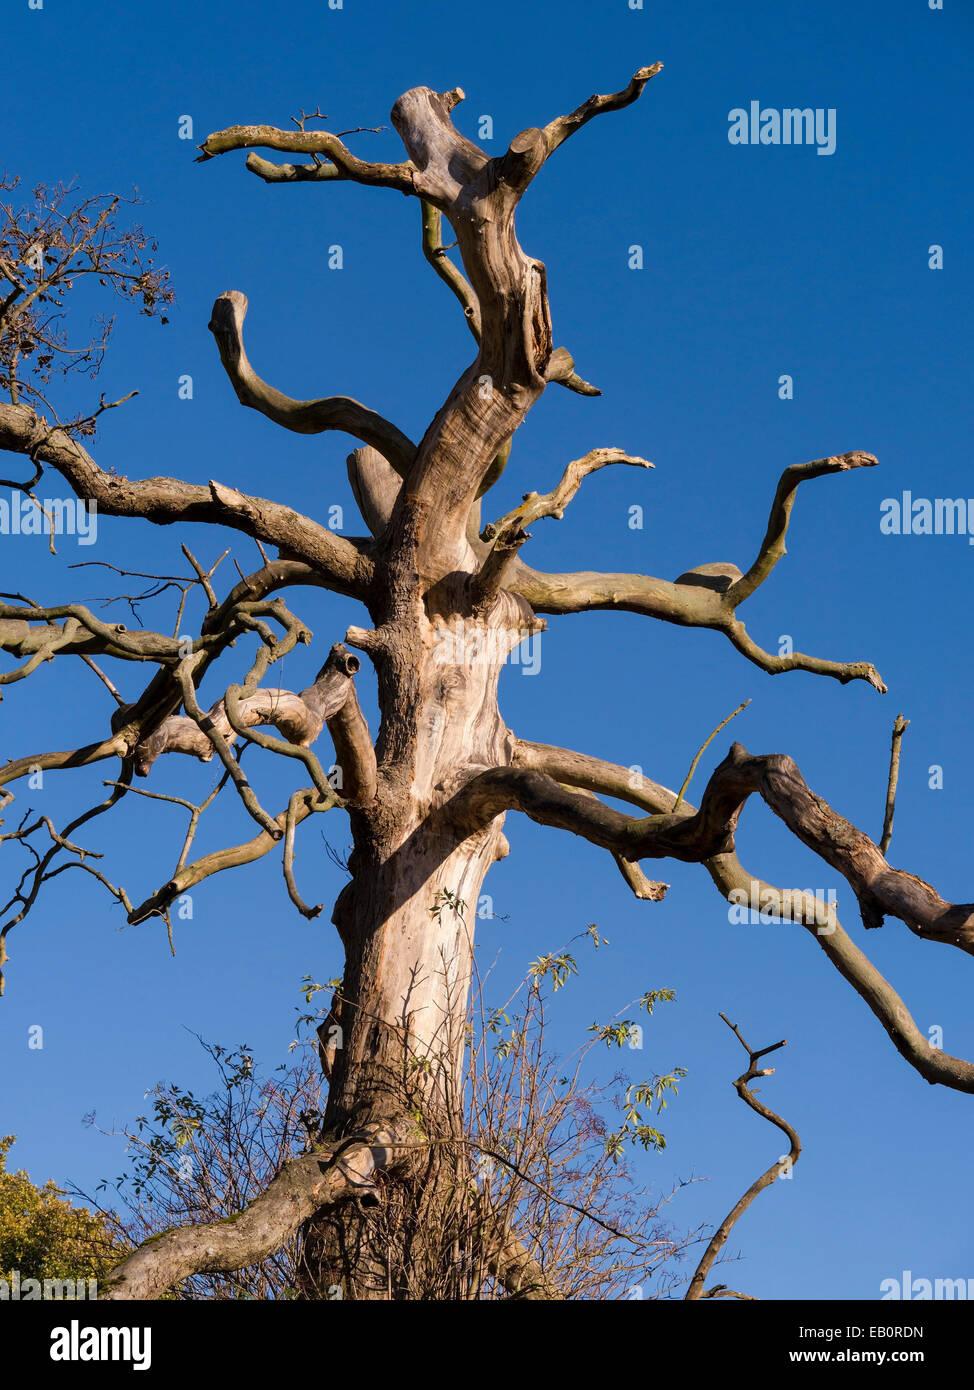 Soleggiato a nudo Albero morto tronco e rami contro il cielo blu chiaro, Derbyshire, England, Regno Unito Immagini Stock